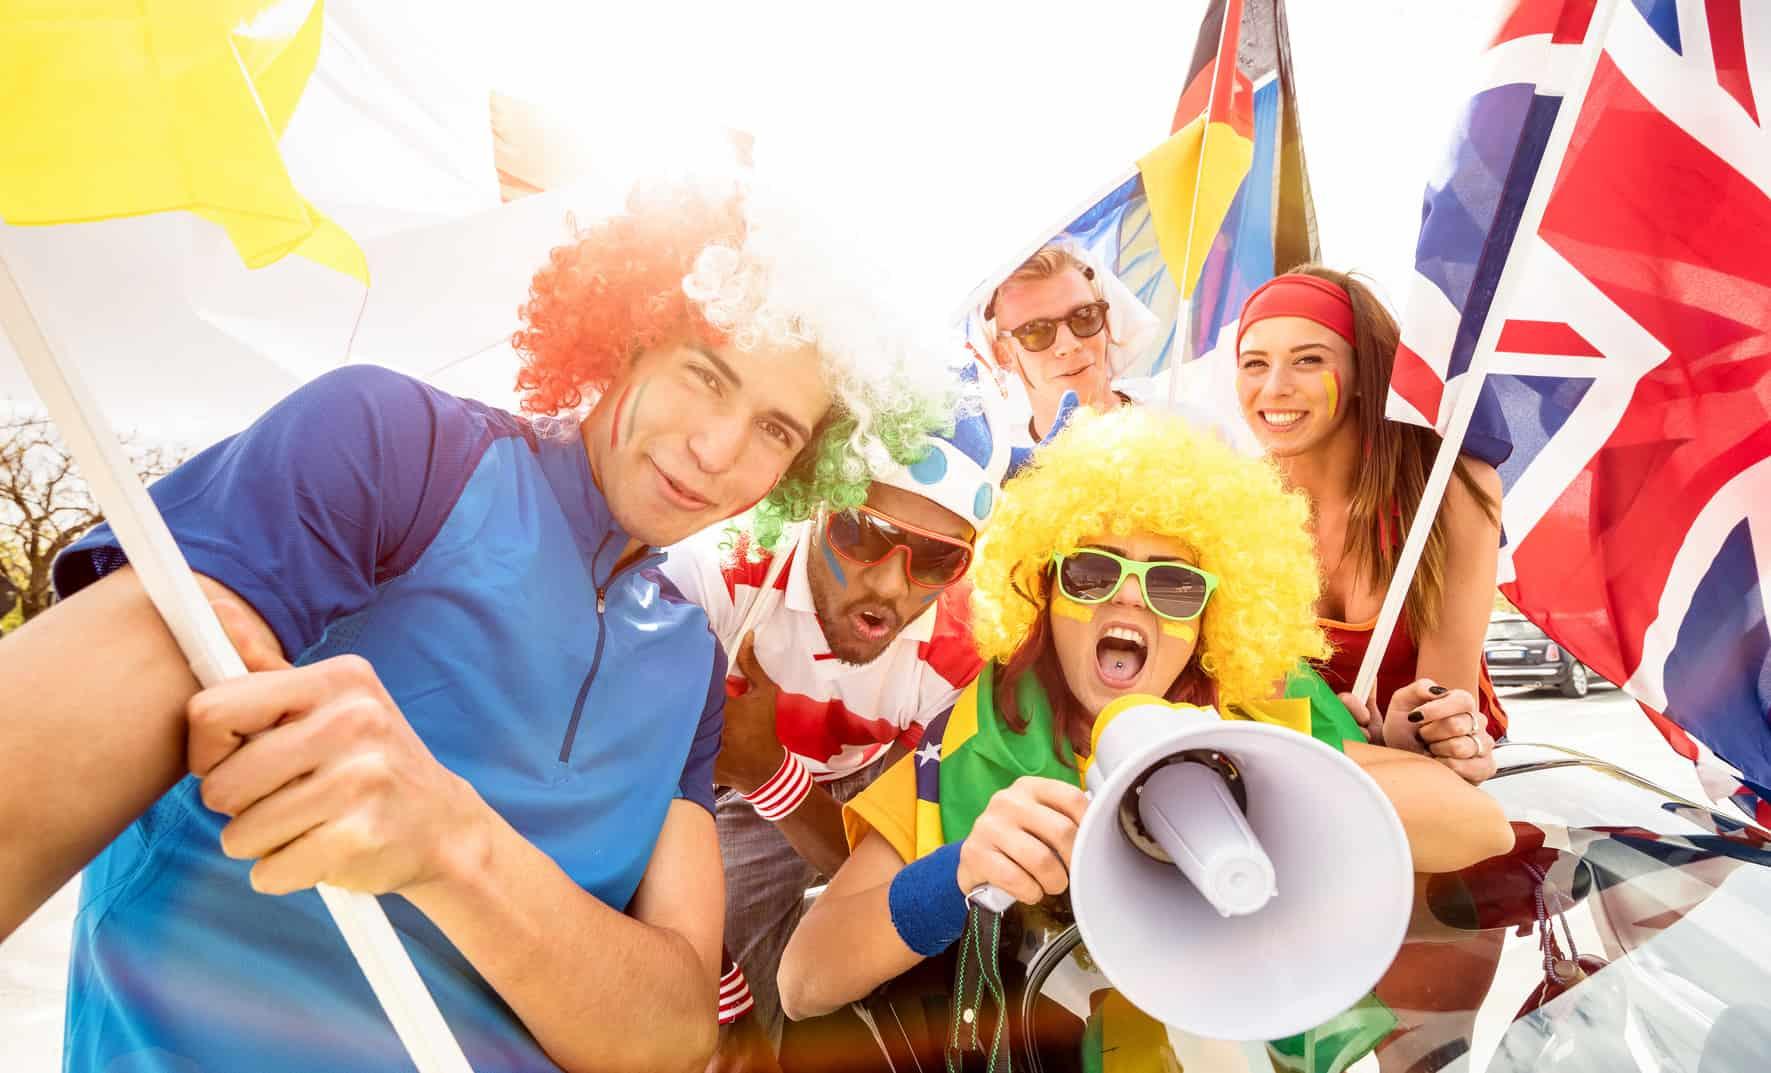 Fanáticos de fútbol con banderas y camisas de equipos participantes del mundial